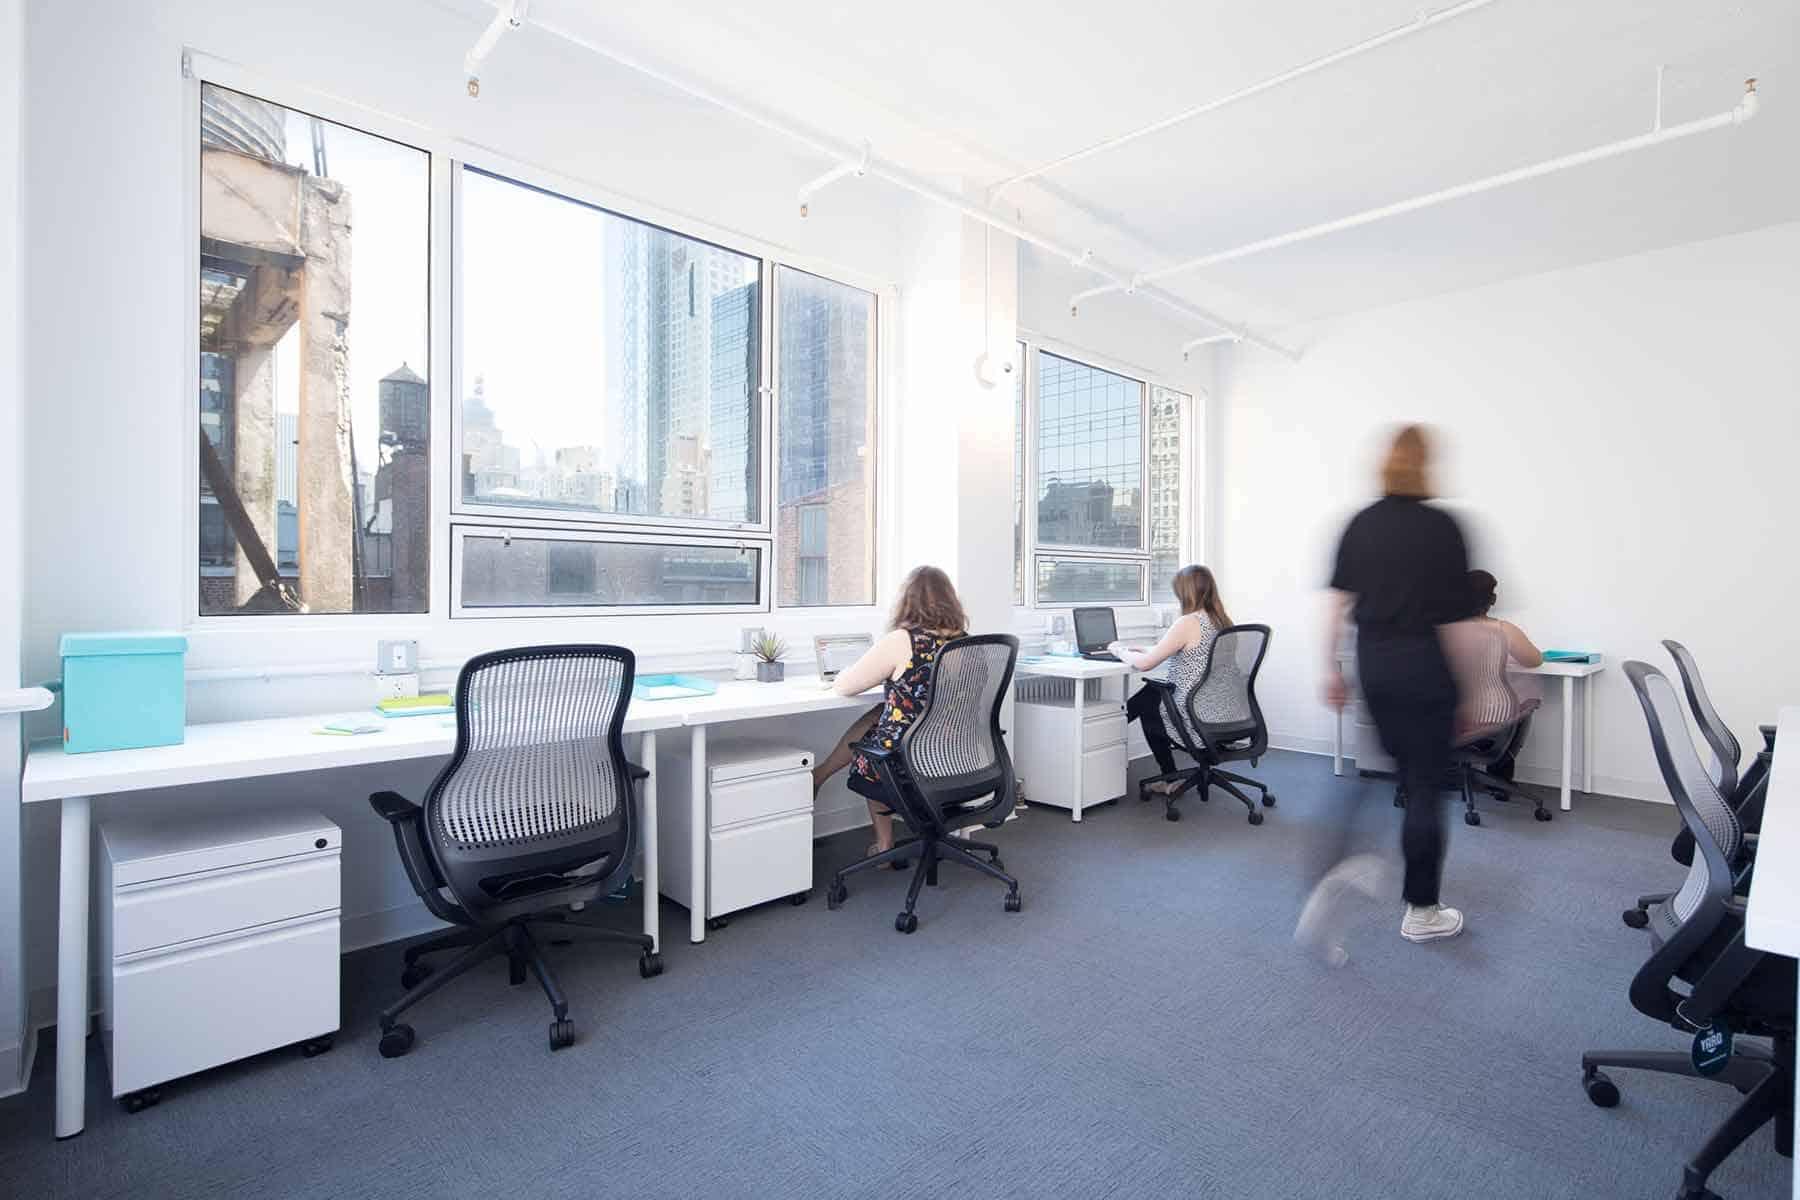 7-Desk Private Office